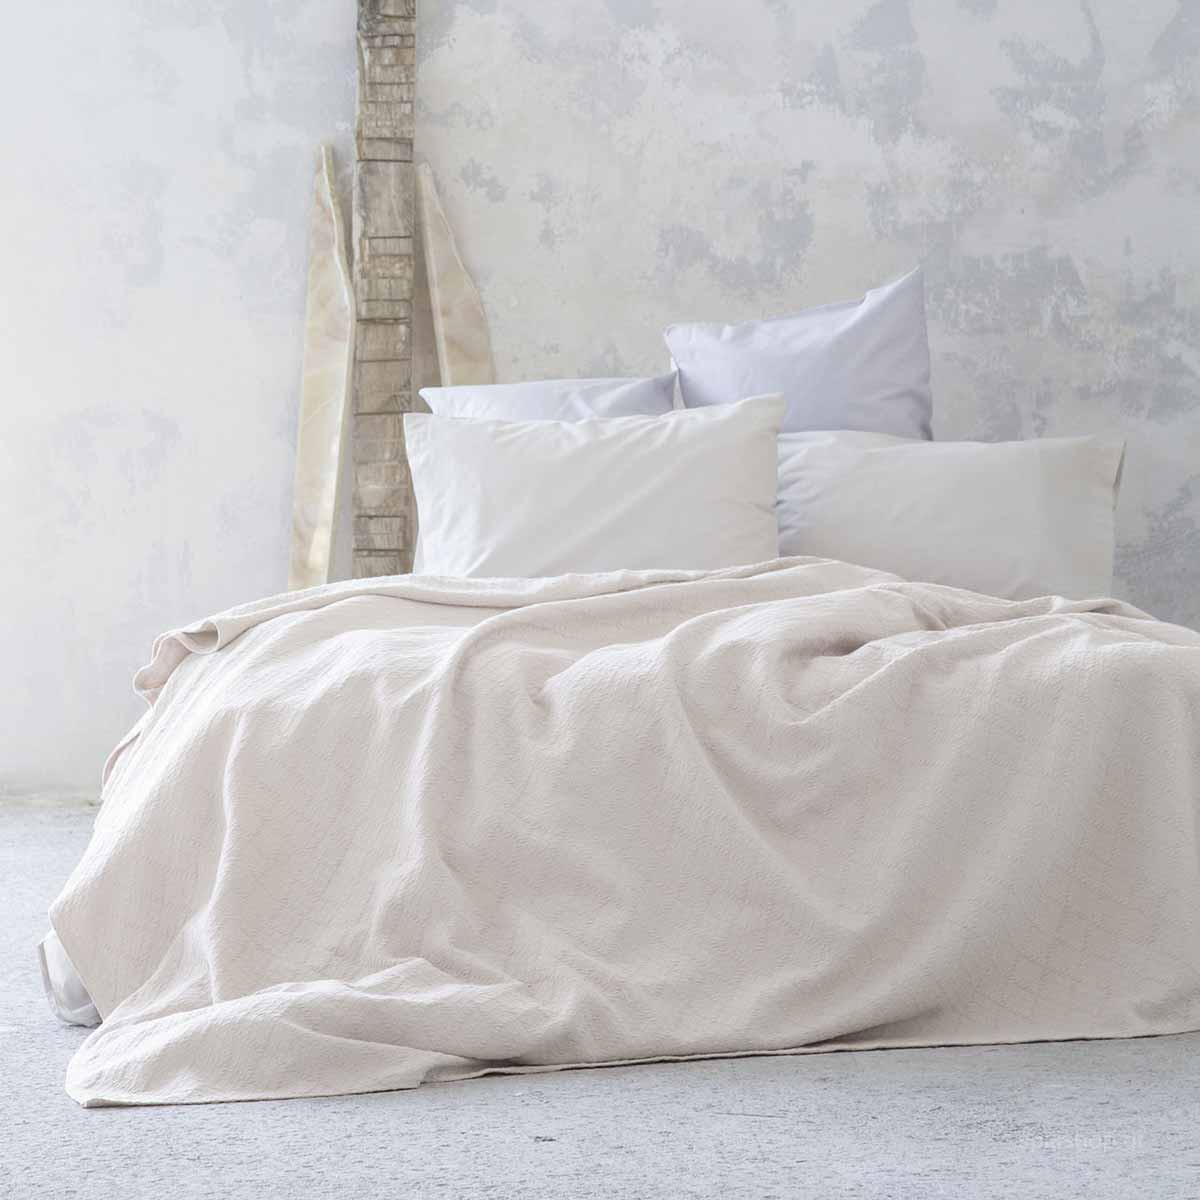 Κουβερτόριο Υπέρδιπλο Nima Layers Candace Beige home   κρεβατοκάμαρα   κουβέρτες   κουβέρτες καλοκαιρινές υπέρδιπλες